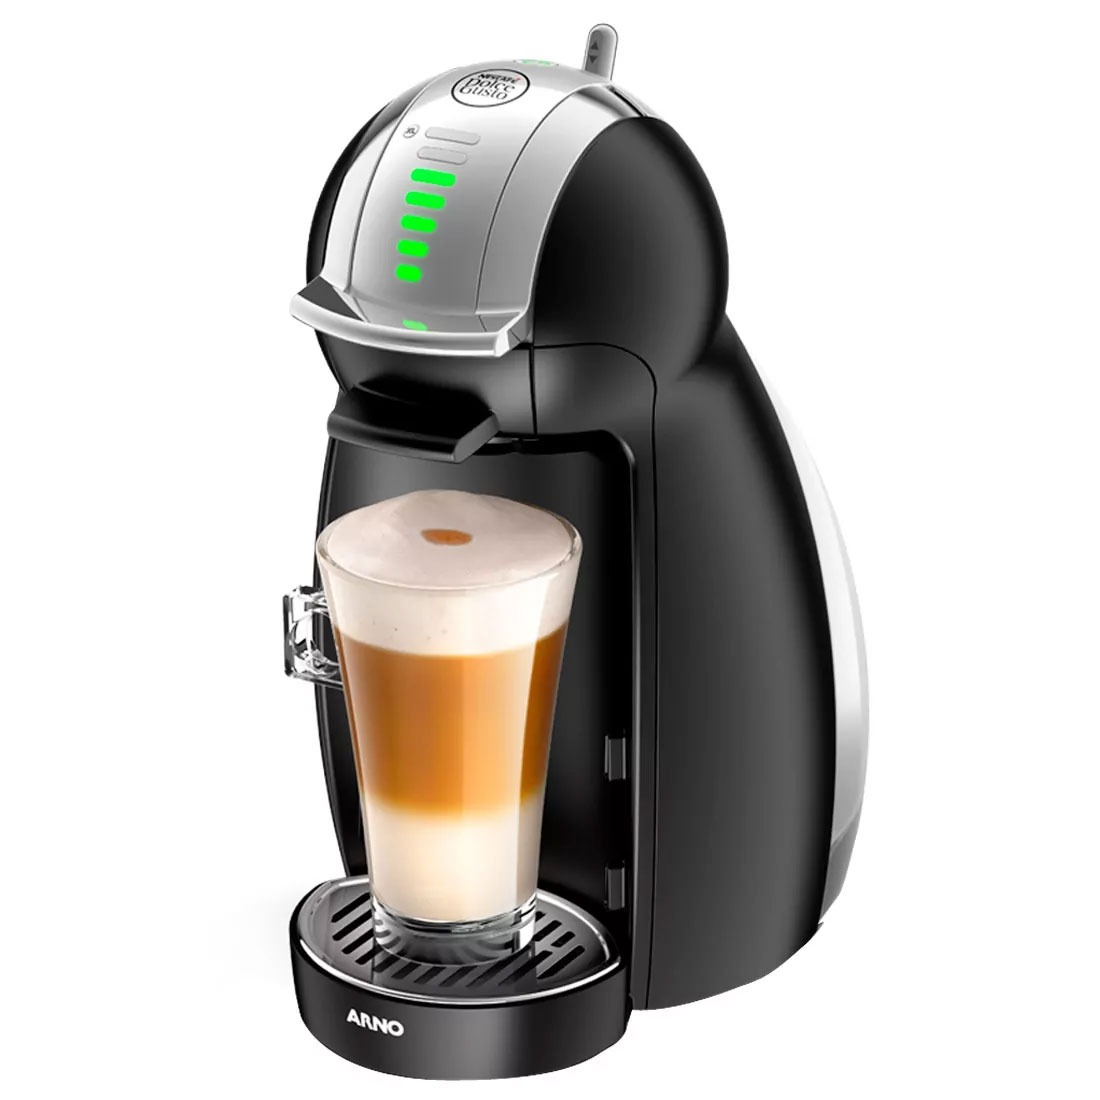 b18c7d57a Máquina De Café Espresso Dolce Gusto Nescafé Genio 127v Arno - R ...